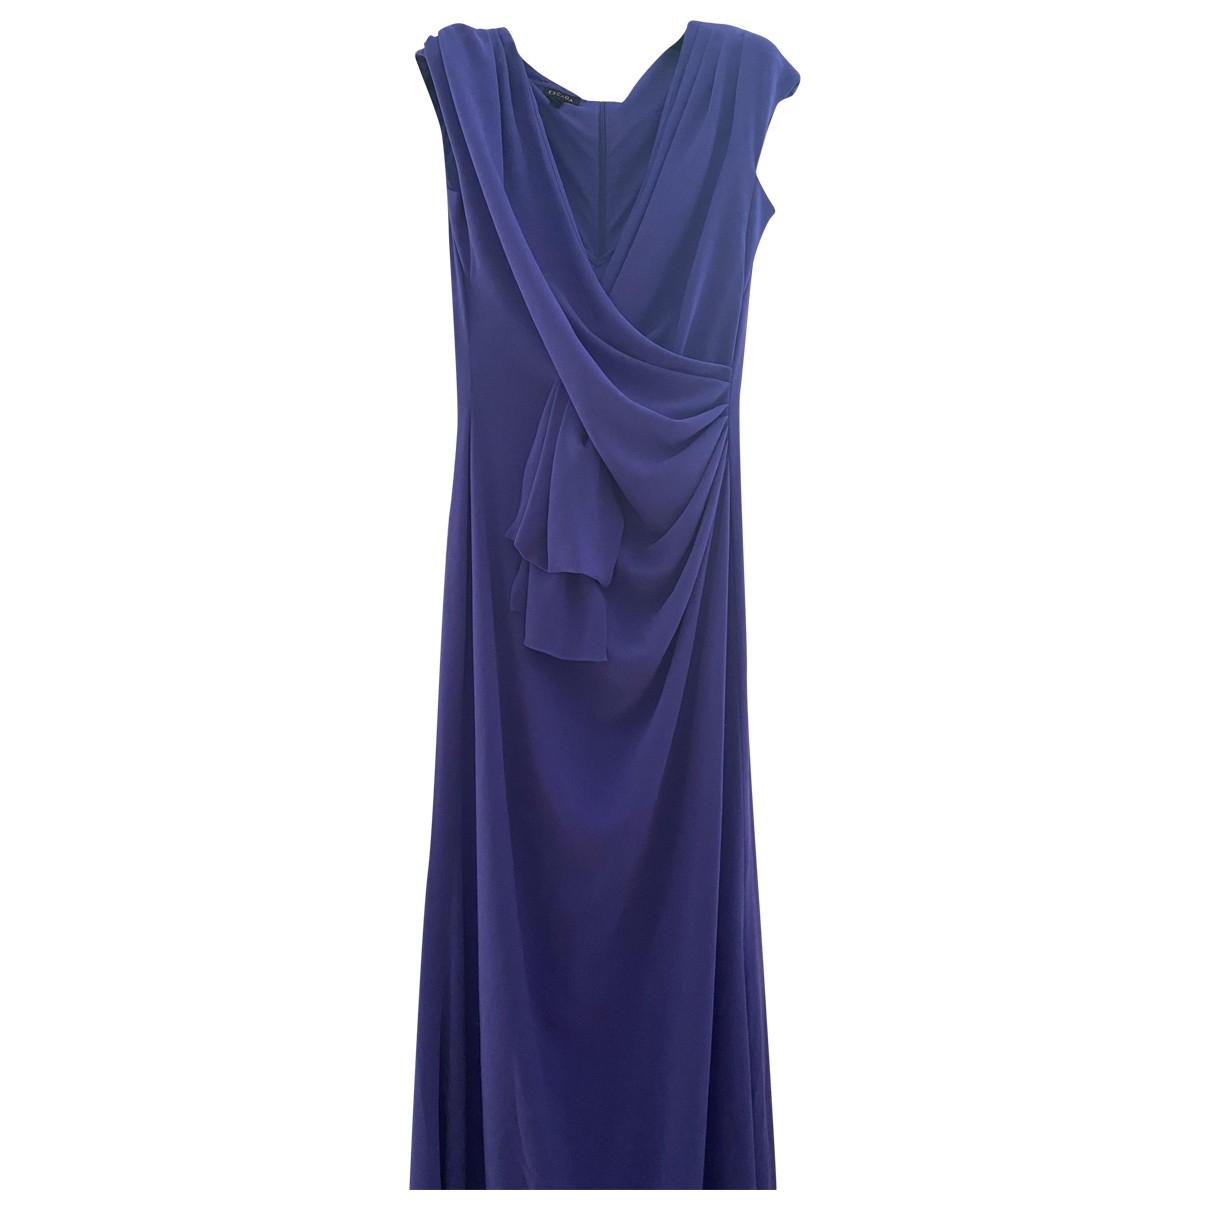 Escada \N Kleid in  Lila Synthetik